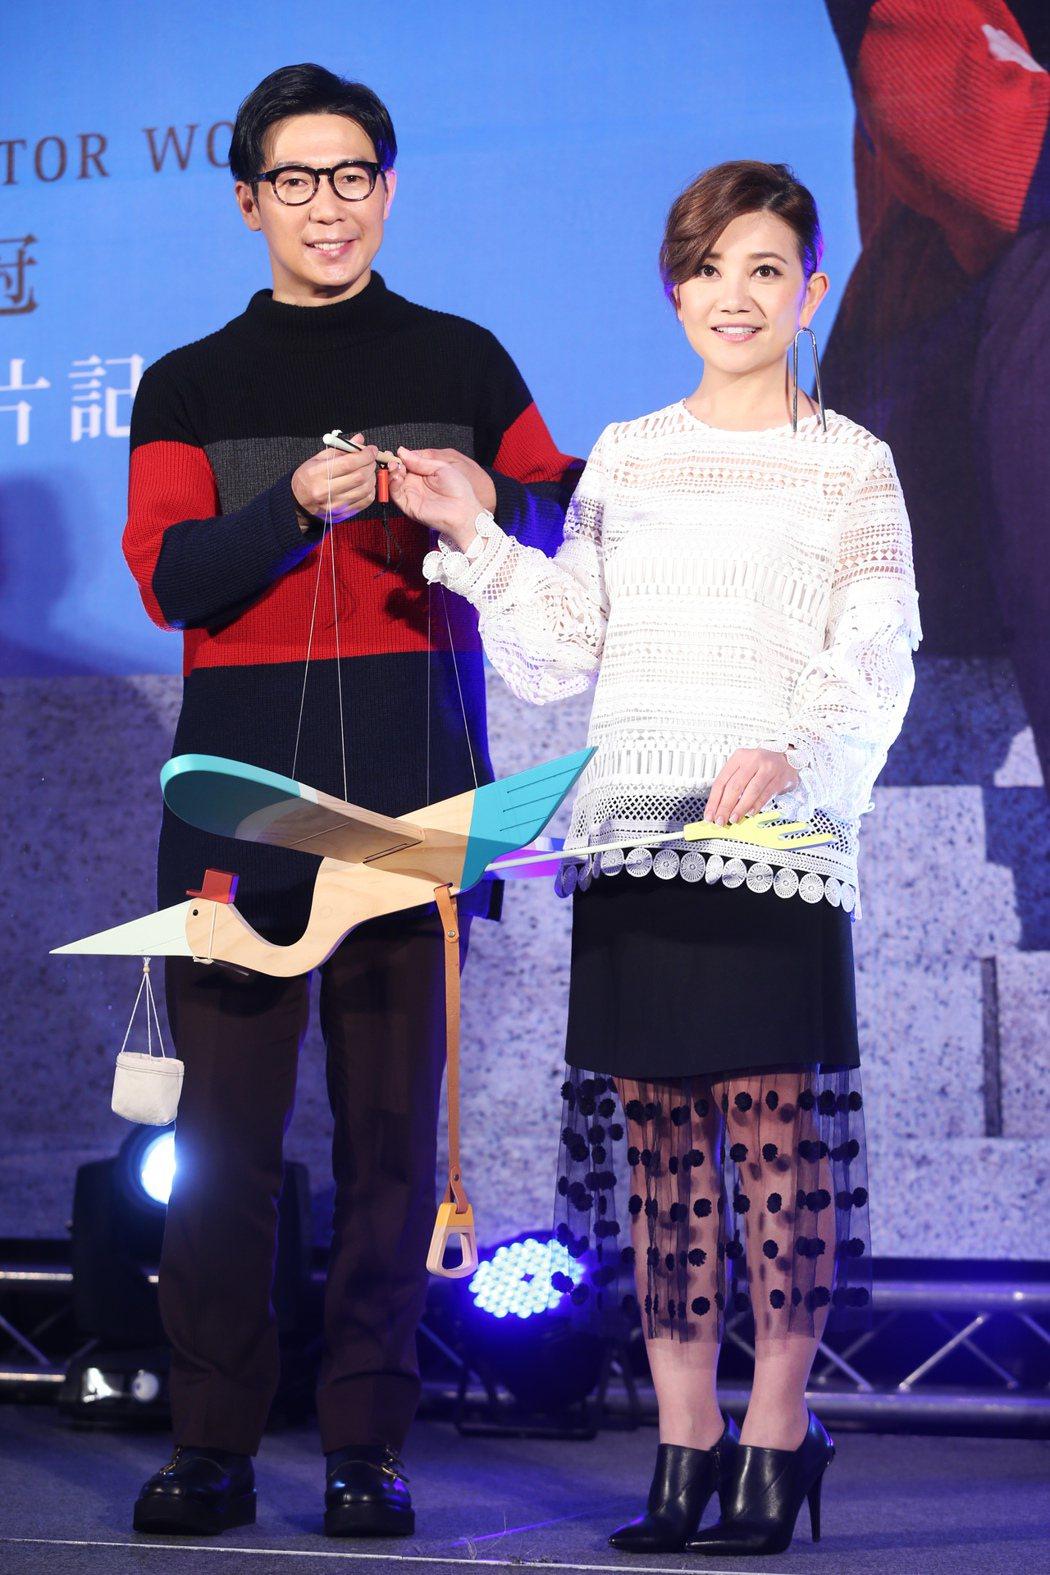 品冠在台北舉行《言外之意》新專輯發片記者會,梁靜茹帶來「送子鳥」送給品冠,恭喜品...